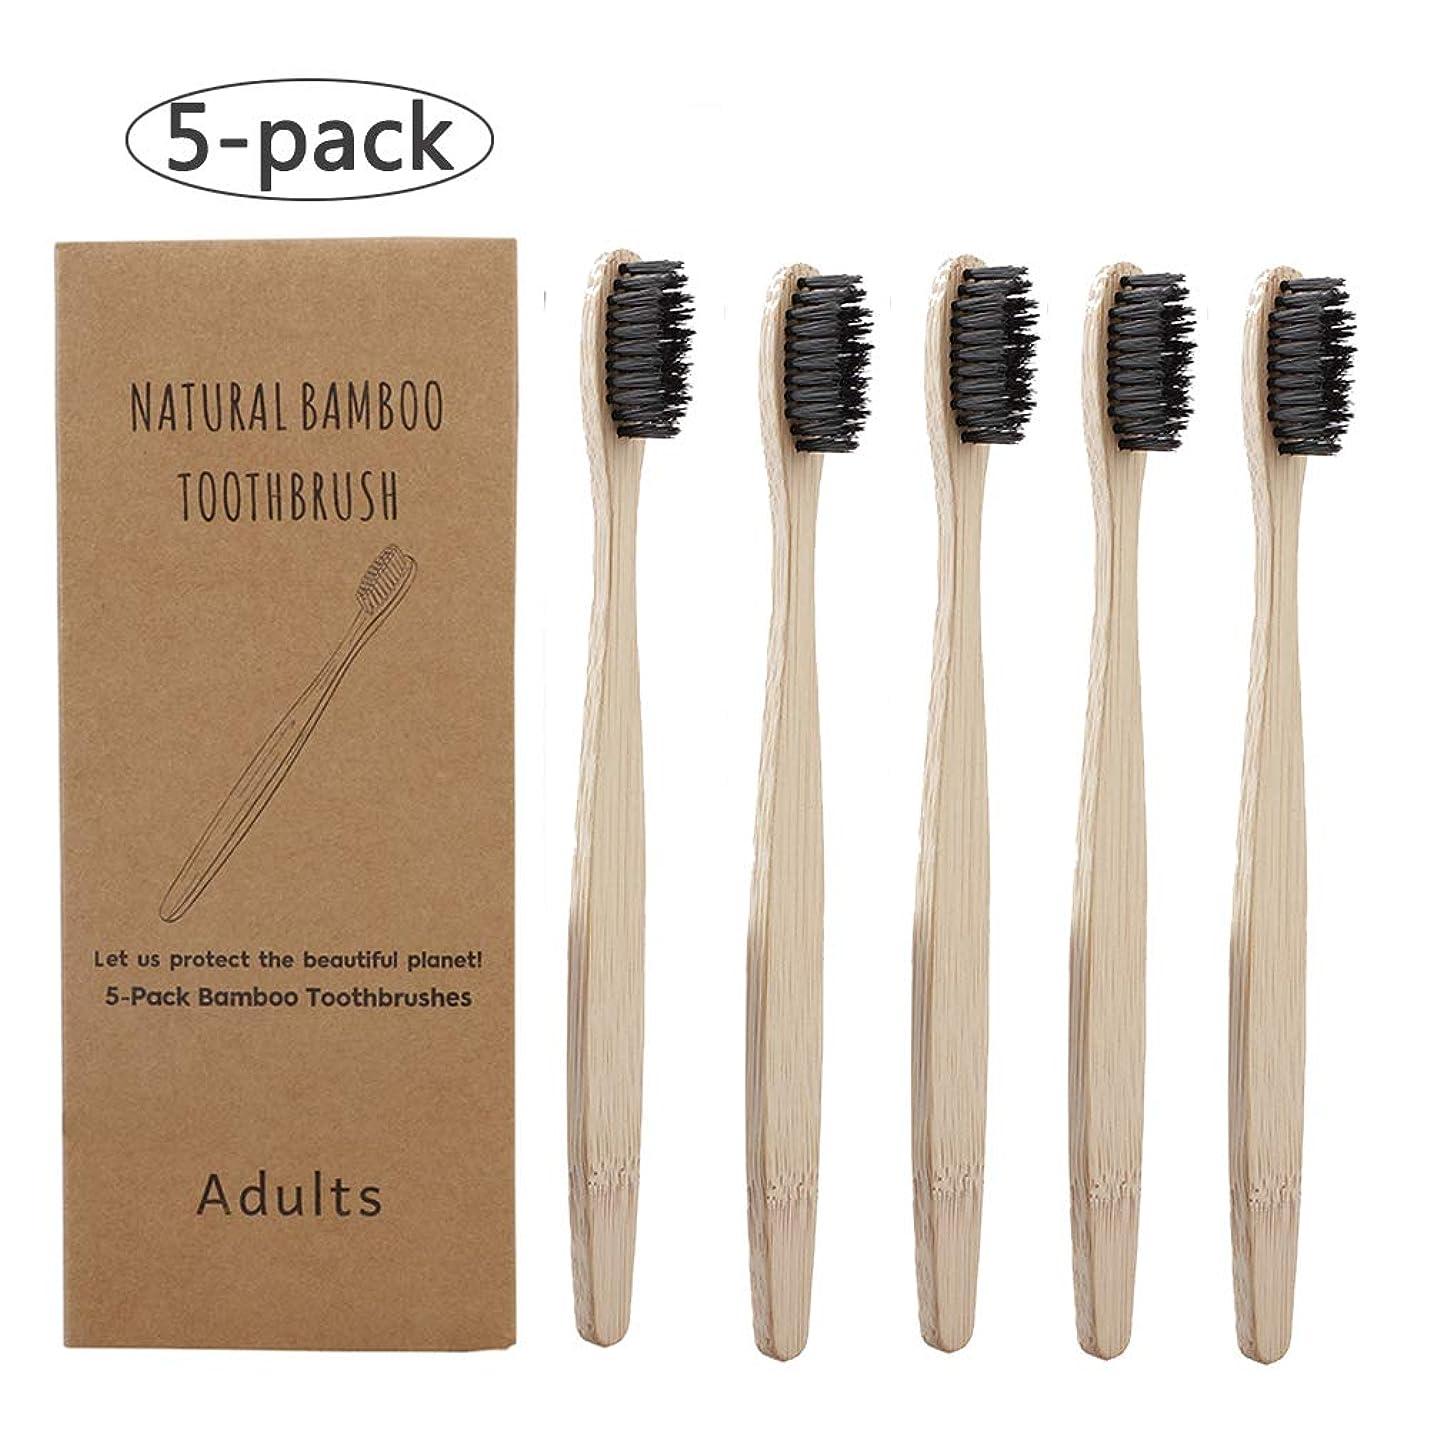 計算するスリムナースPannow 5pcs 歯ブラシ 大人用 竹歯ブラシ 軟毛歯ブラシ 口腔ケア 柔らかい剛毛 5本 環境にやさしい 天然竹製 ハンドル ブラックヘッド